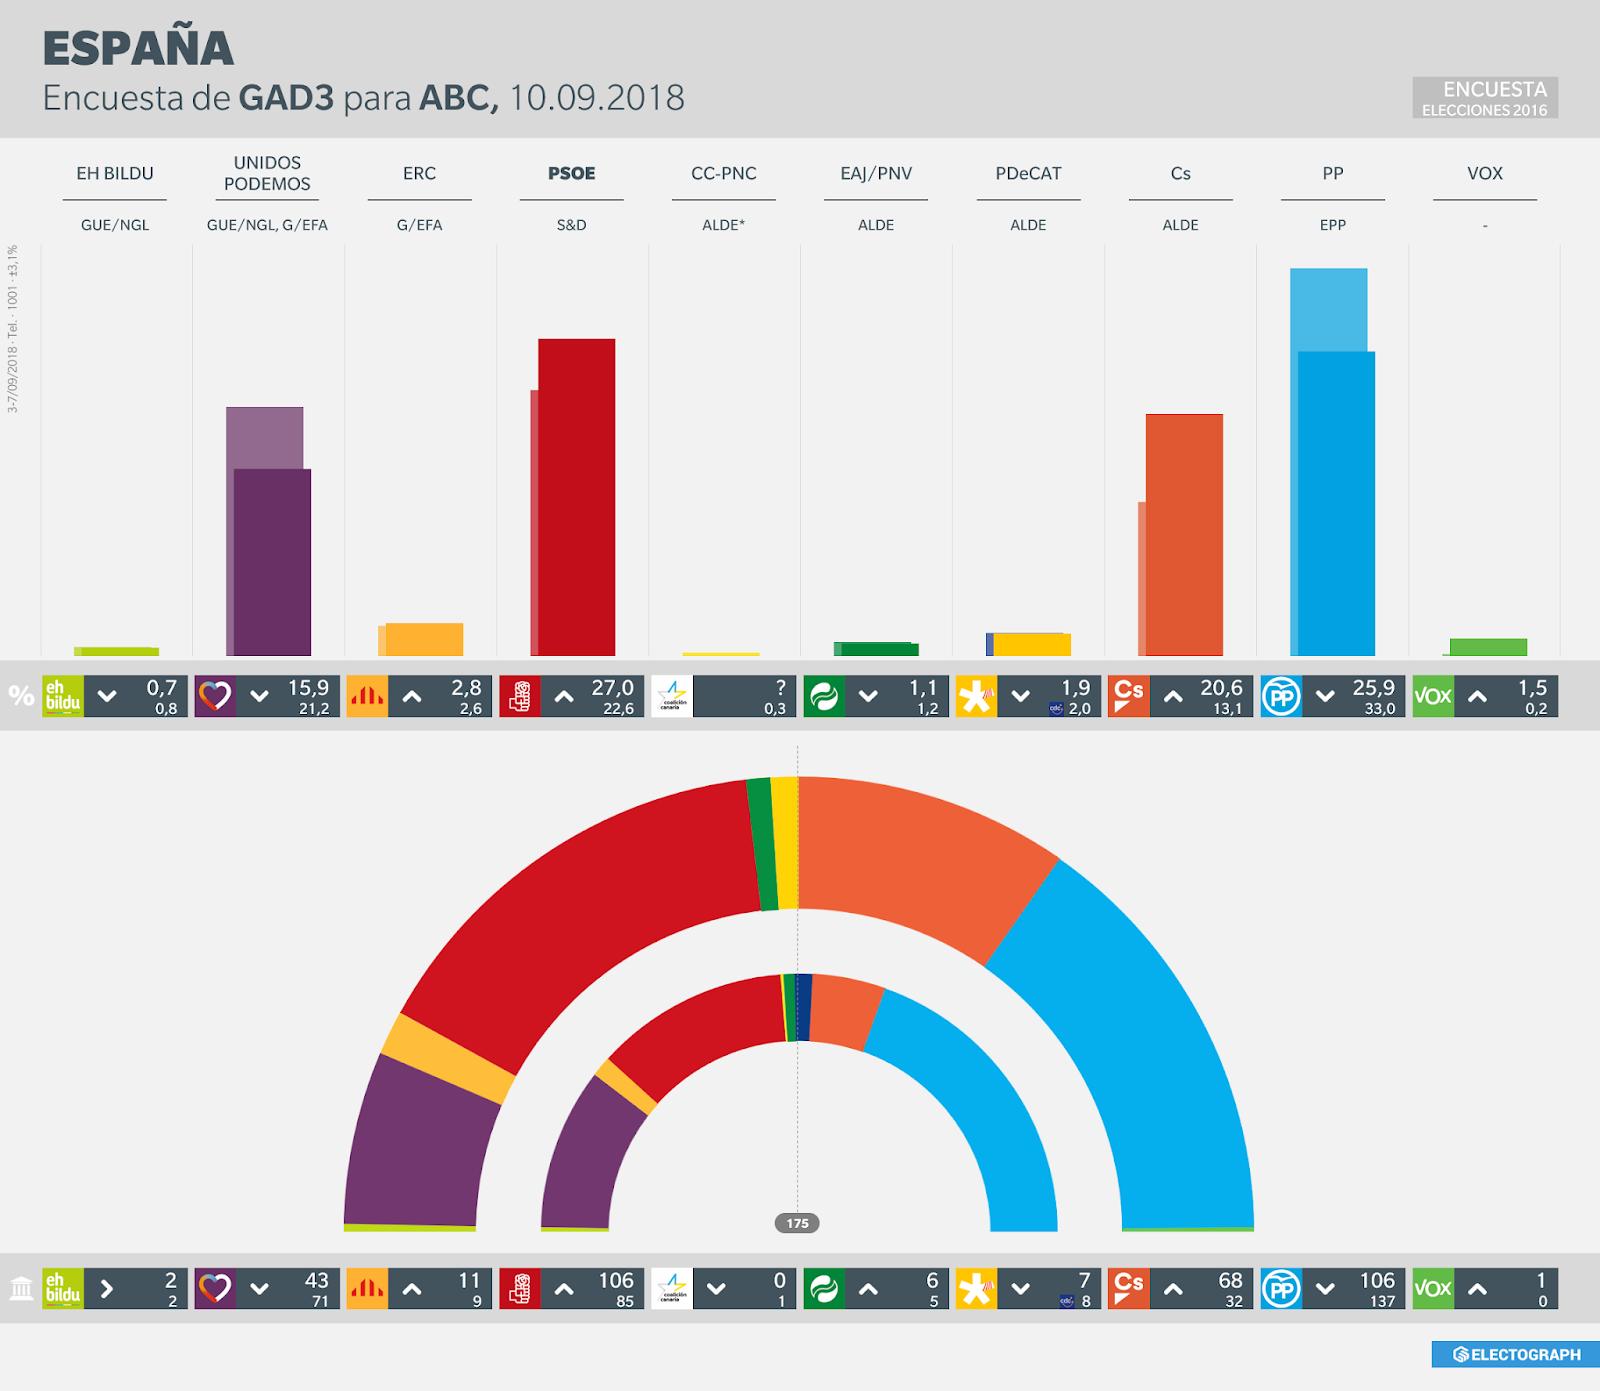 Gráfico de la encuesta para elecciones generales en España realizada por GAD3 para ABC en septiembre de 2018